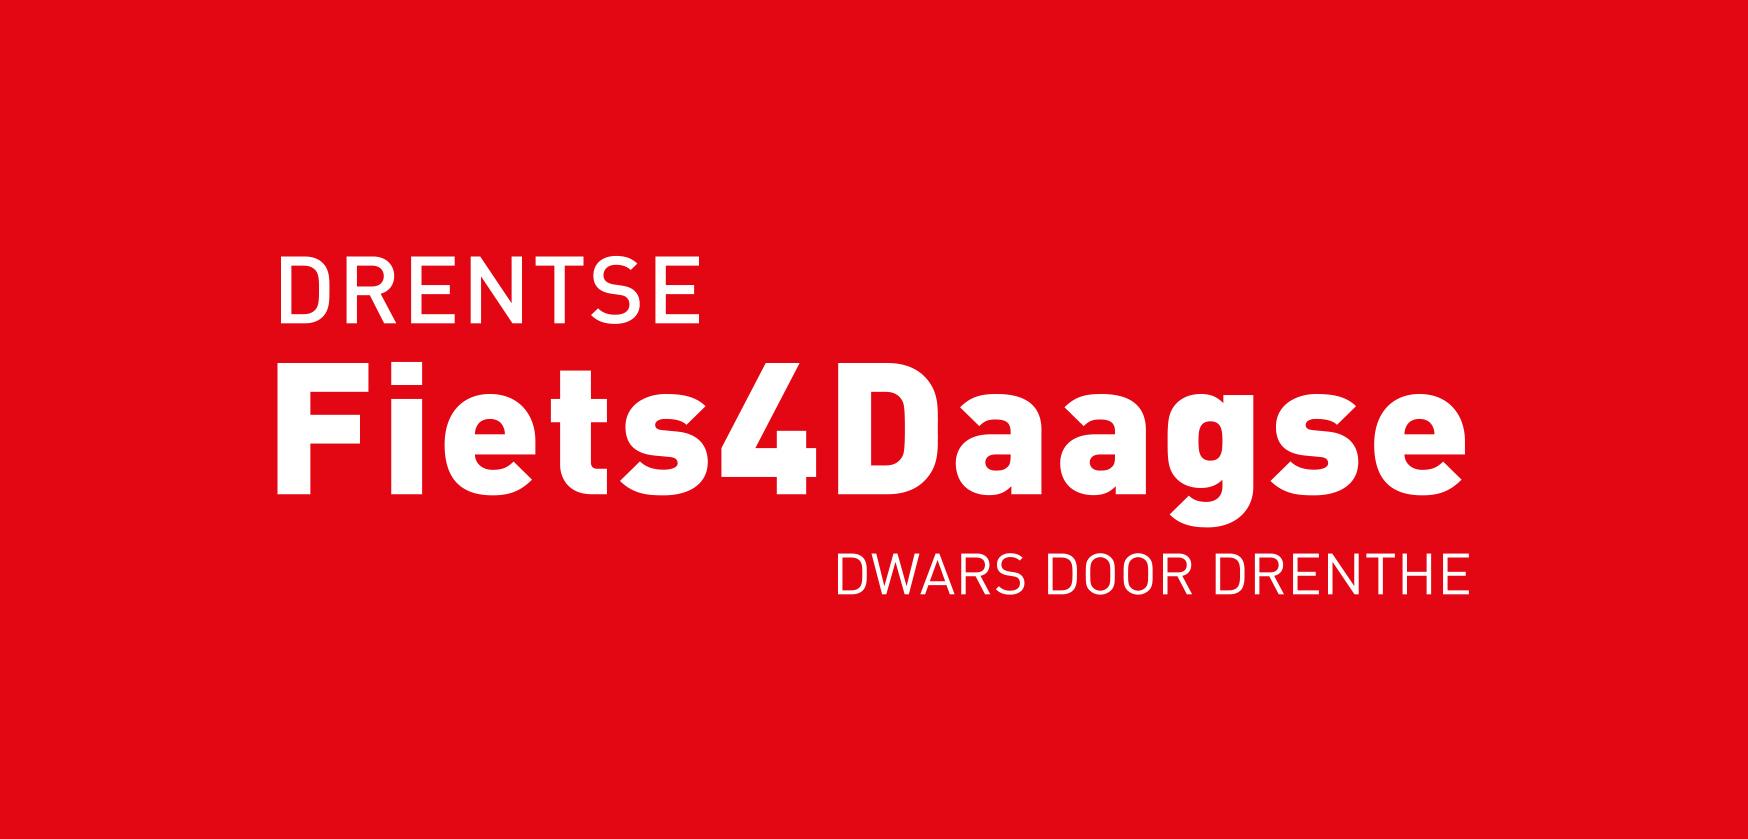 Deze route wordt aangeboden door: Drentse Fiets4Daagse